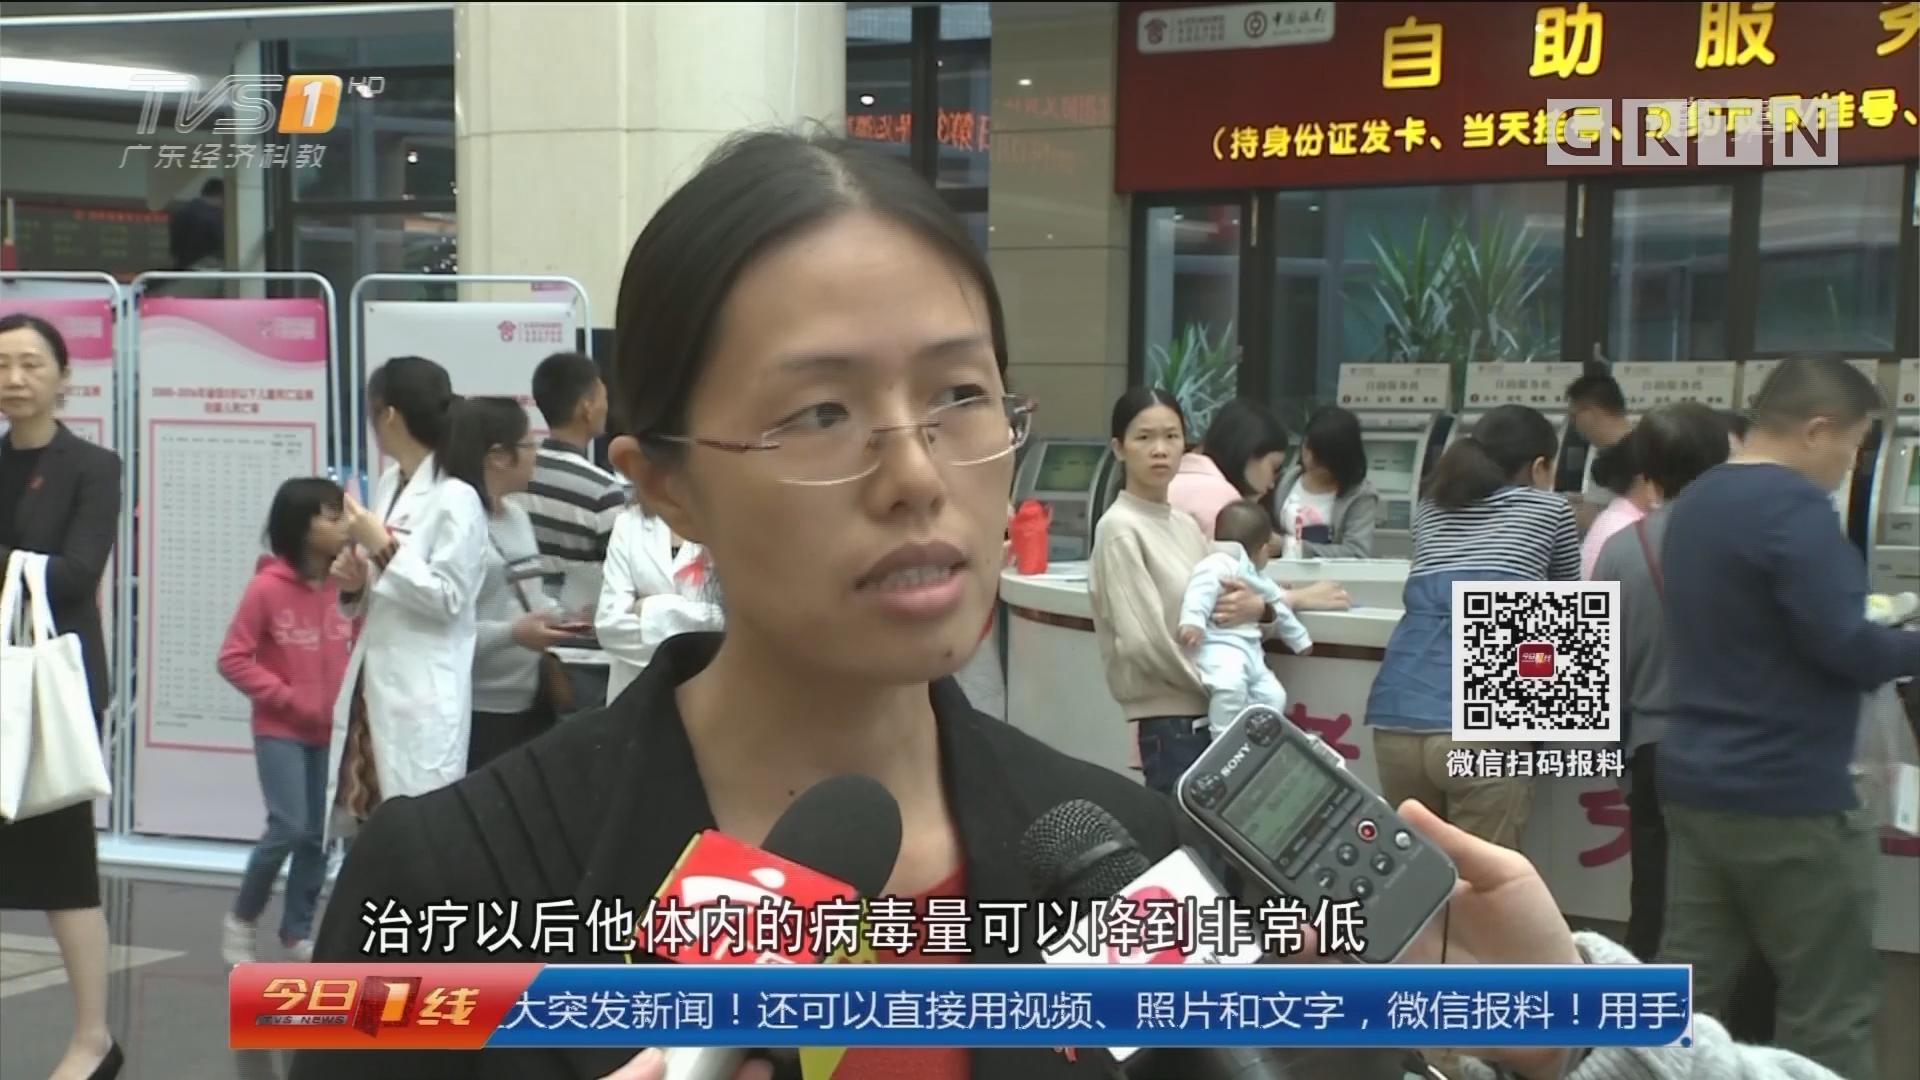 世界艾滋病日 广东今年新发6201例艾滋病感染